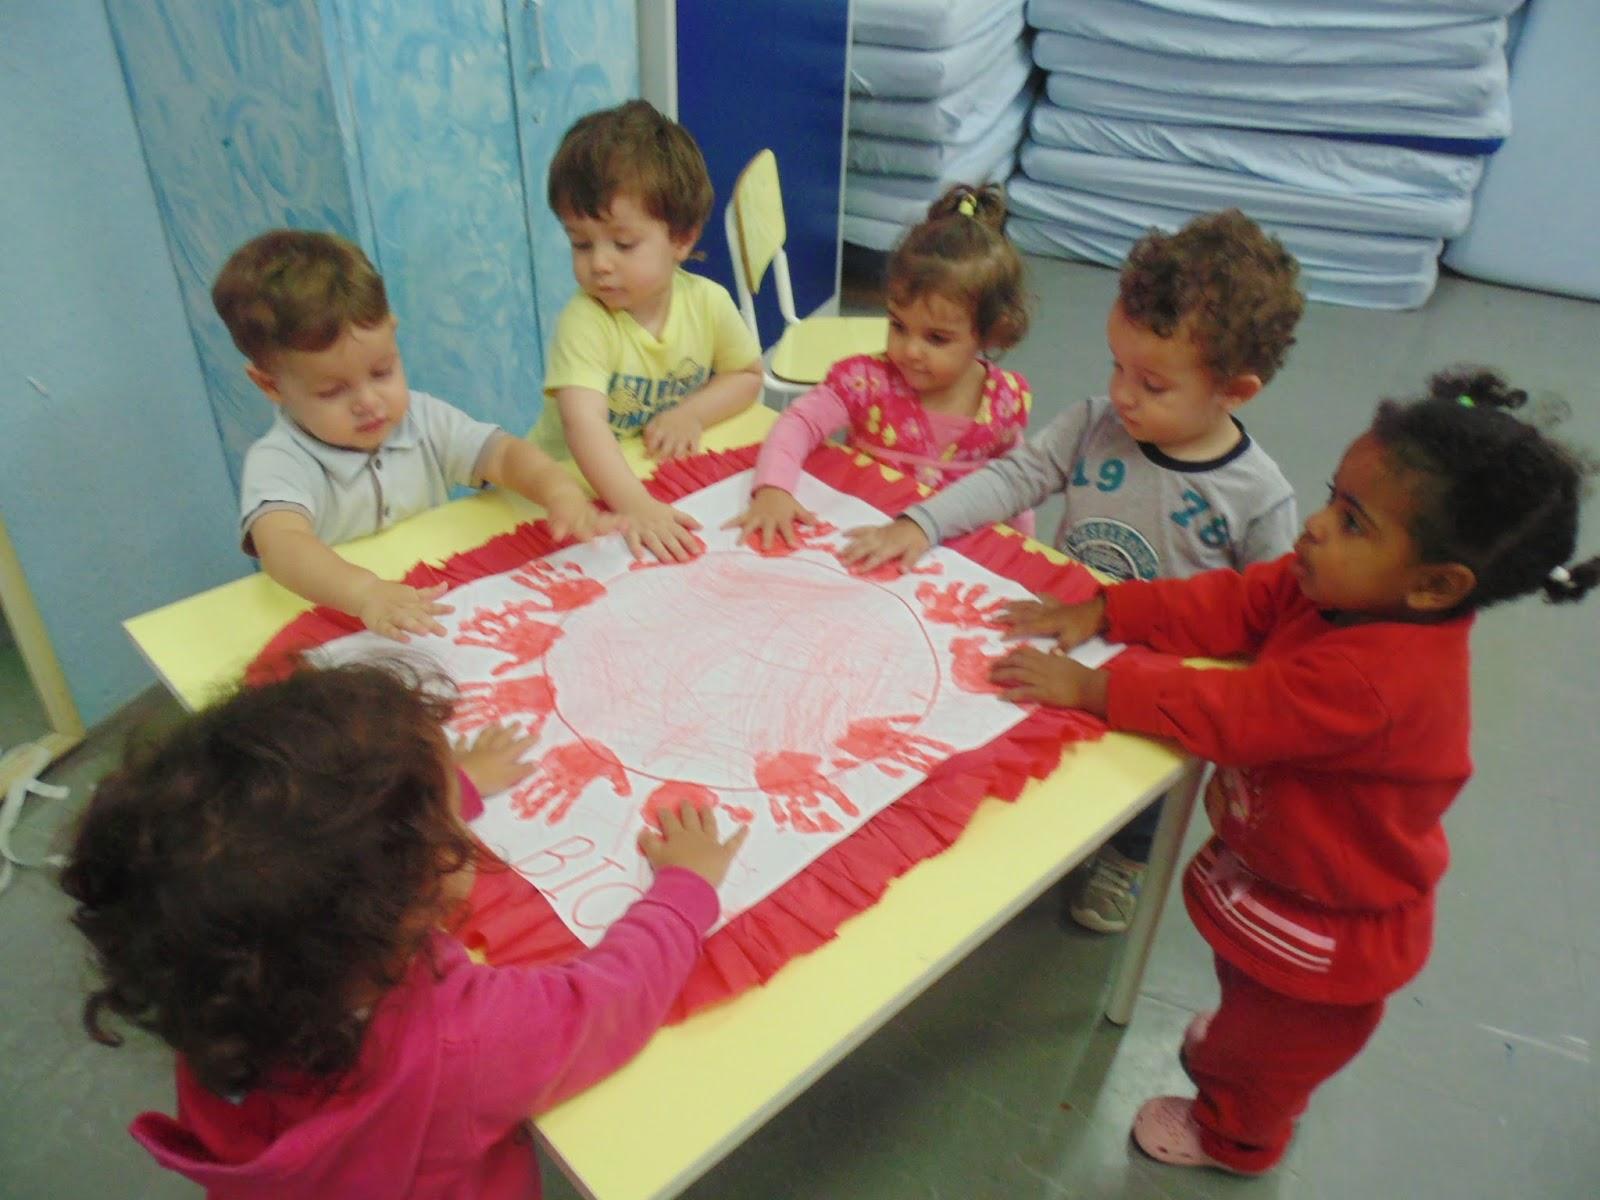 Populares Festa do vermelho e Exposições das atividades coletivas feitas no  YT54